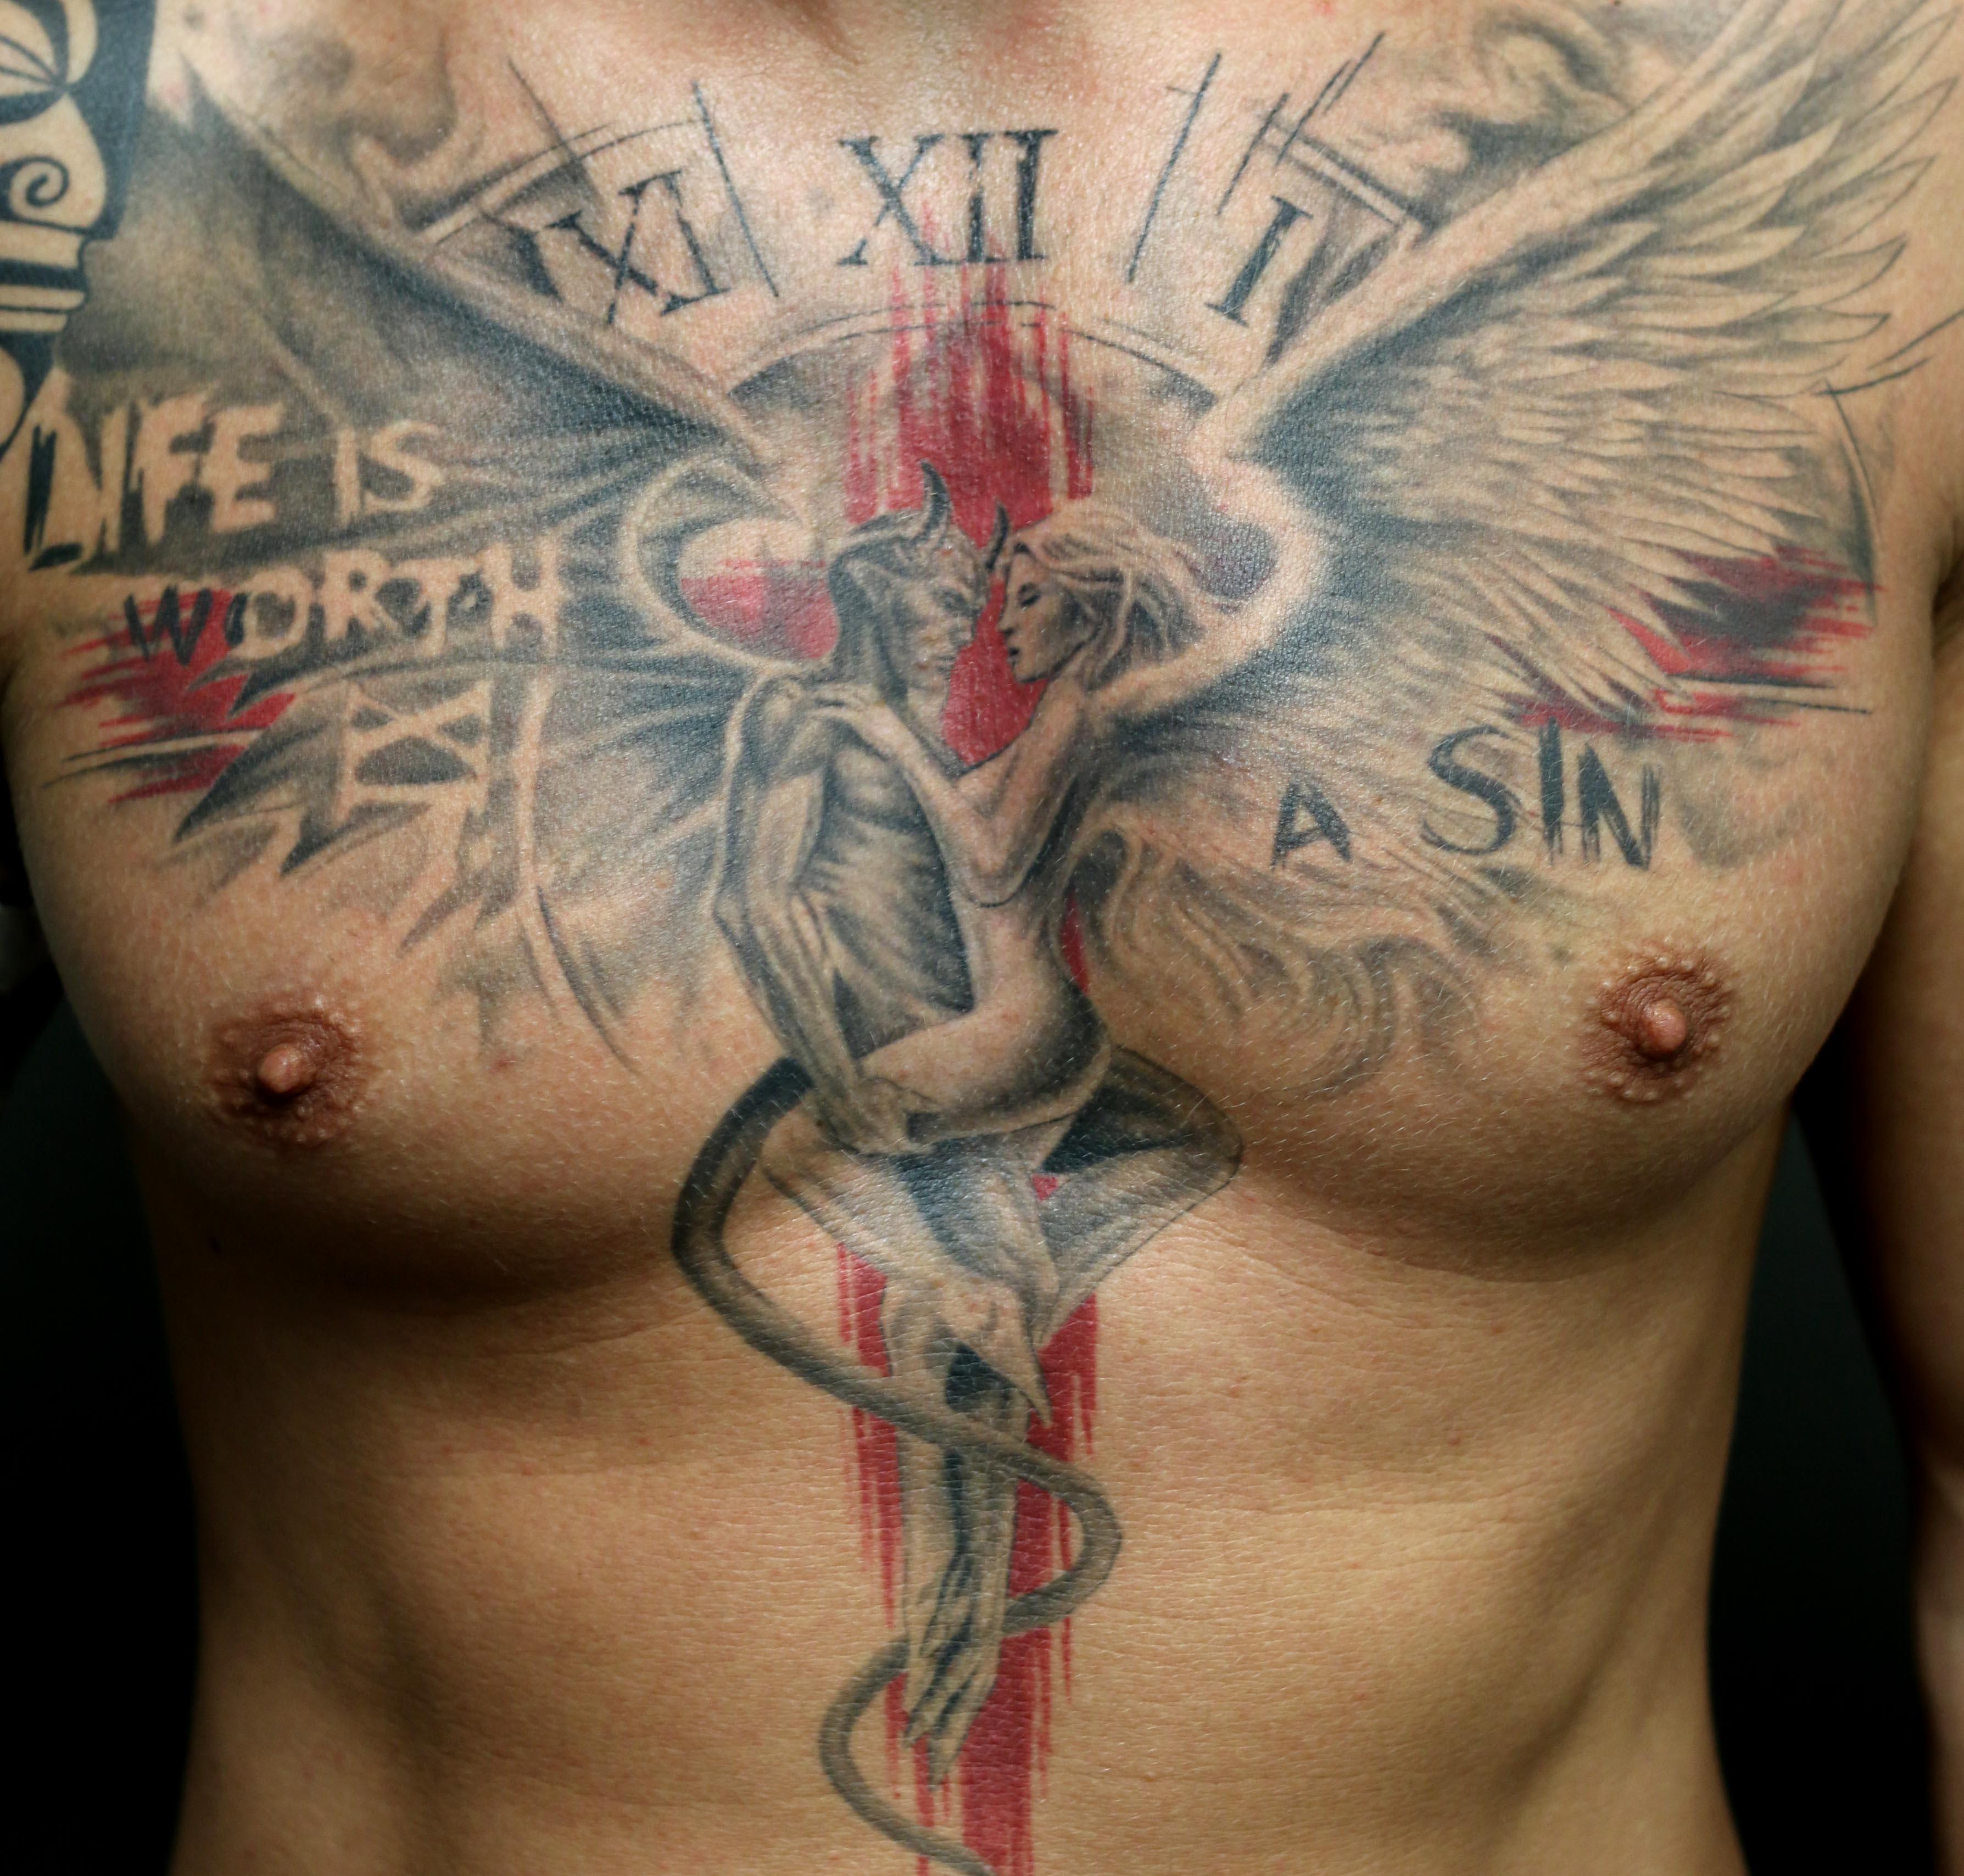 Ansprechend Tattoo Motive Engel Sammlung Von Teufel Und   Tattoos Von Tattoo-bewertung.de